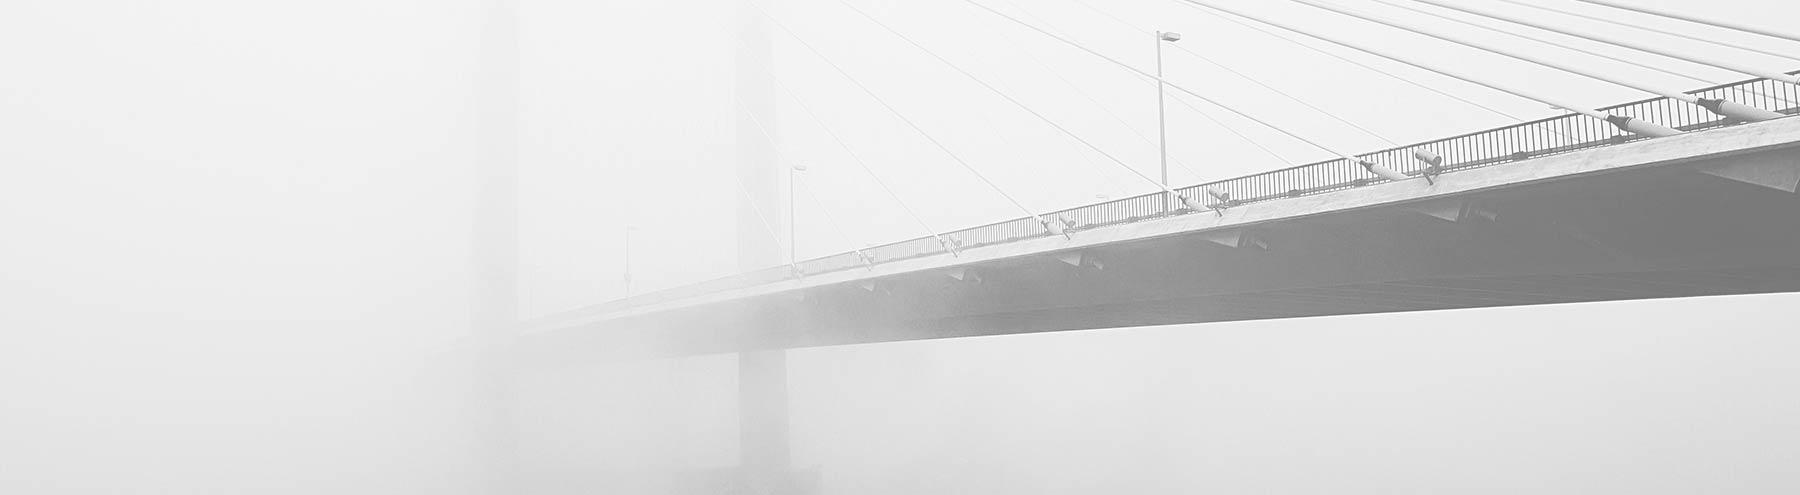 Disapperaing Bridge